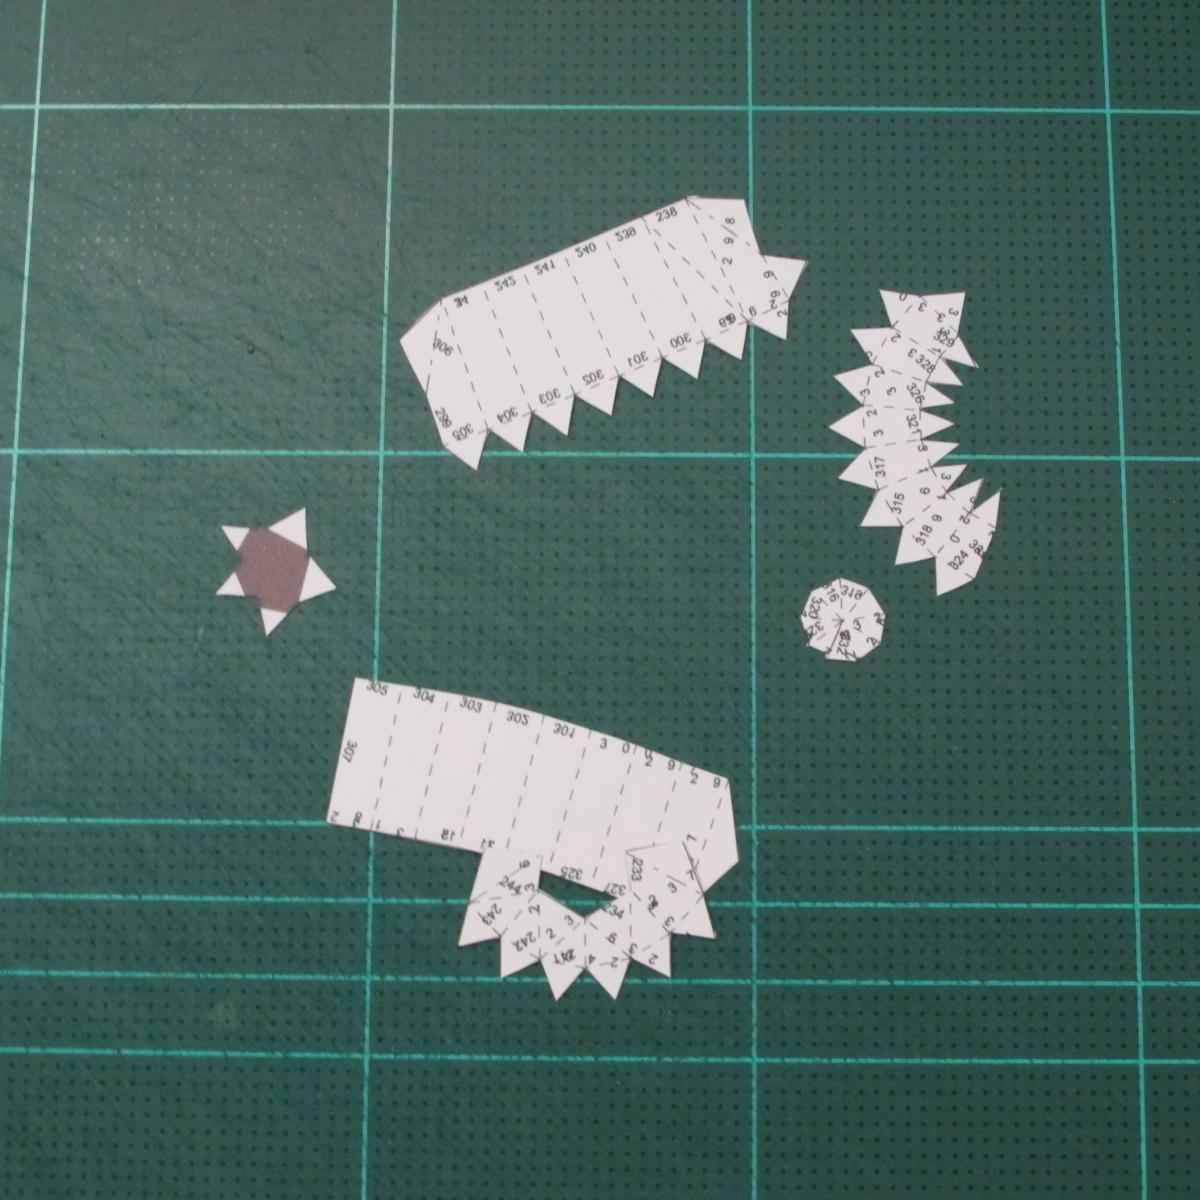 วิธีทำโมเดลกระดาษหมีบราวน์ชุดบอลโลก 2014 ทีมบราซิล (LINE Brown Bear in FIFA World Cup 2014 Brazil Jerseys Papercraft Model) 016